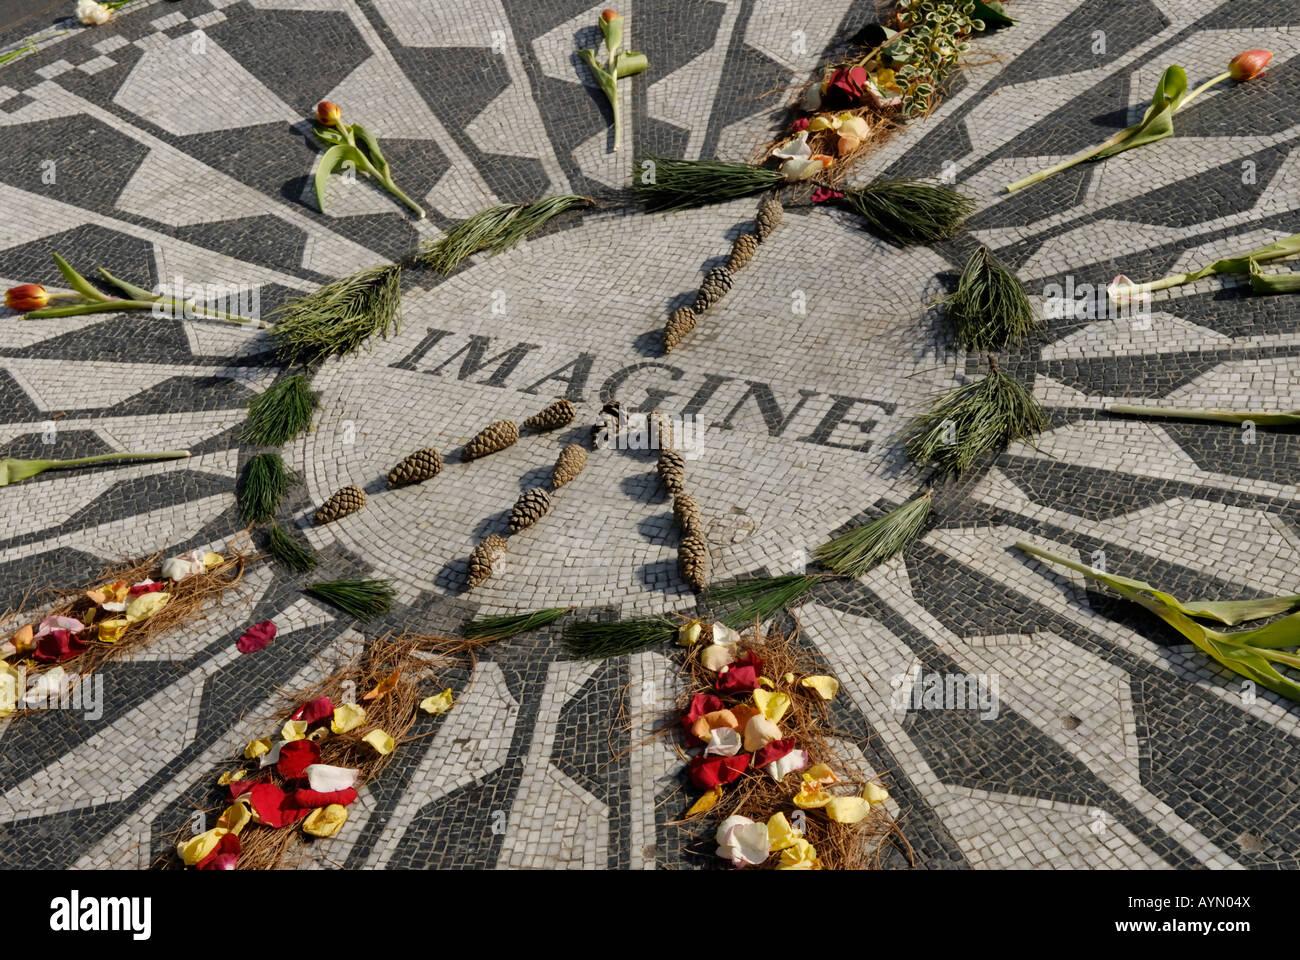 Imagine mosaico memorial de John Lennon del Central Park de Nueva York Foto de stock